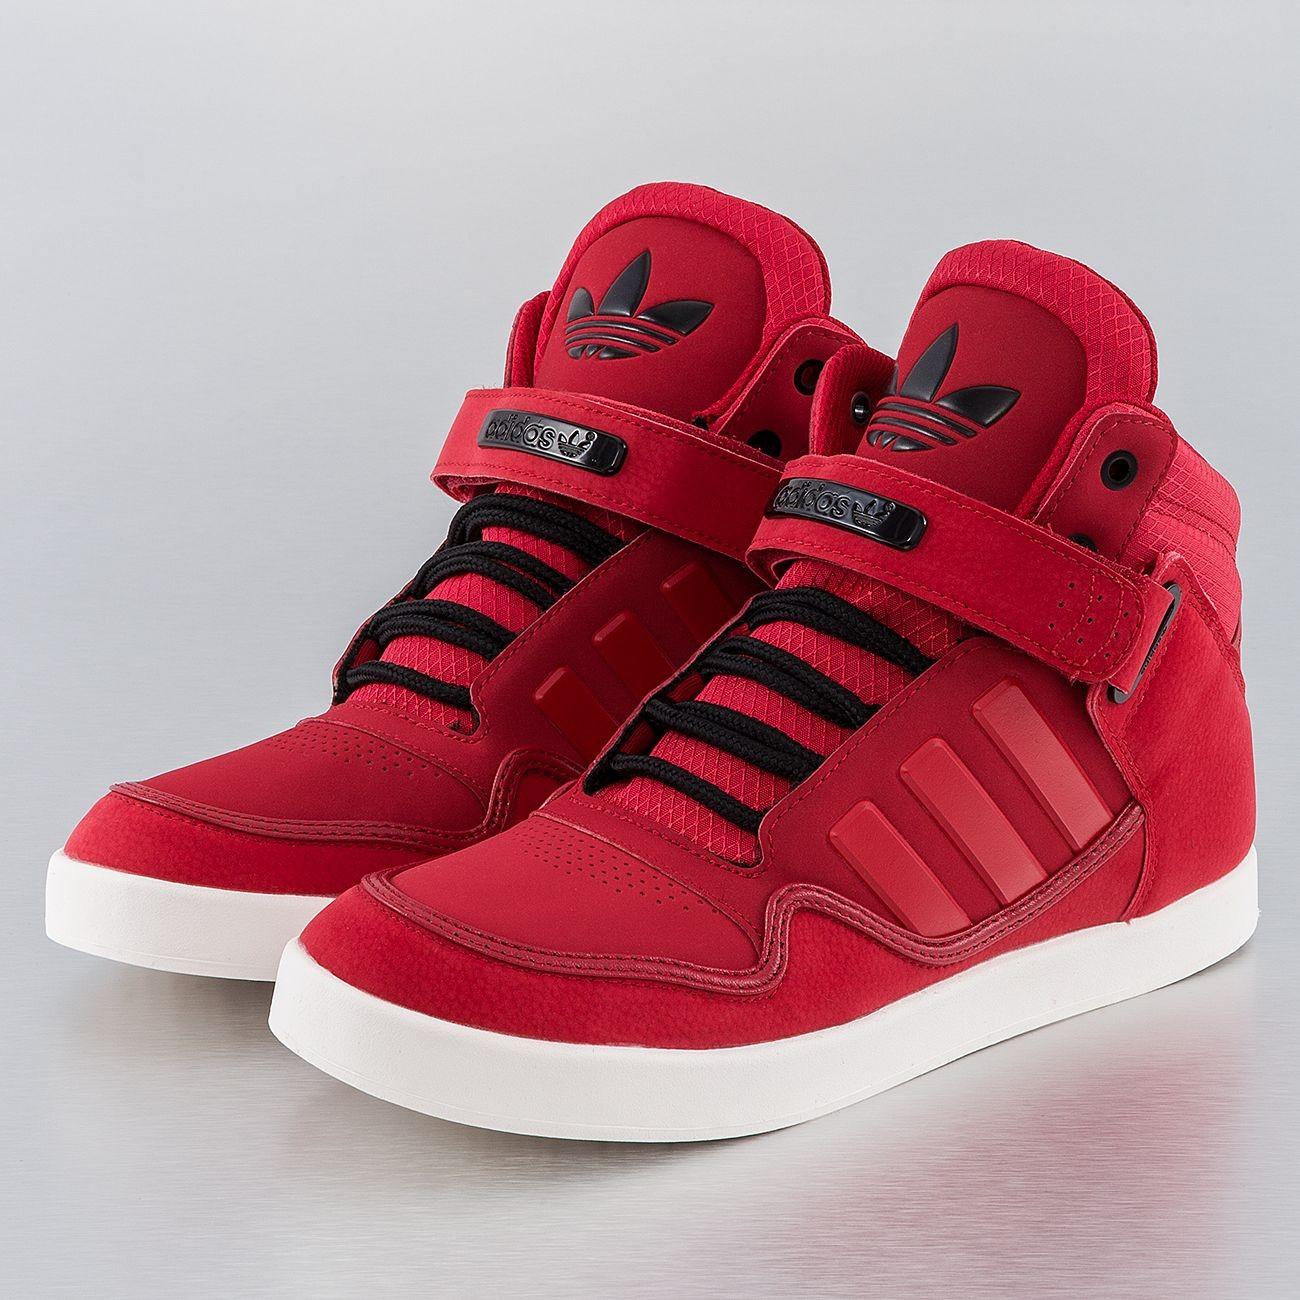 adidas AR 2.0 Red  42472abff6